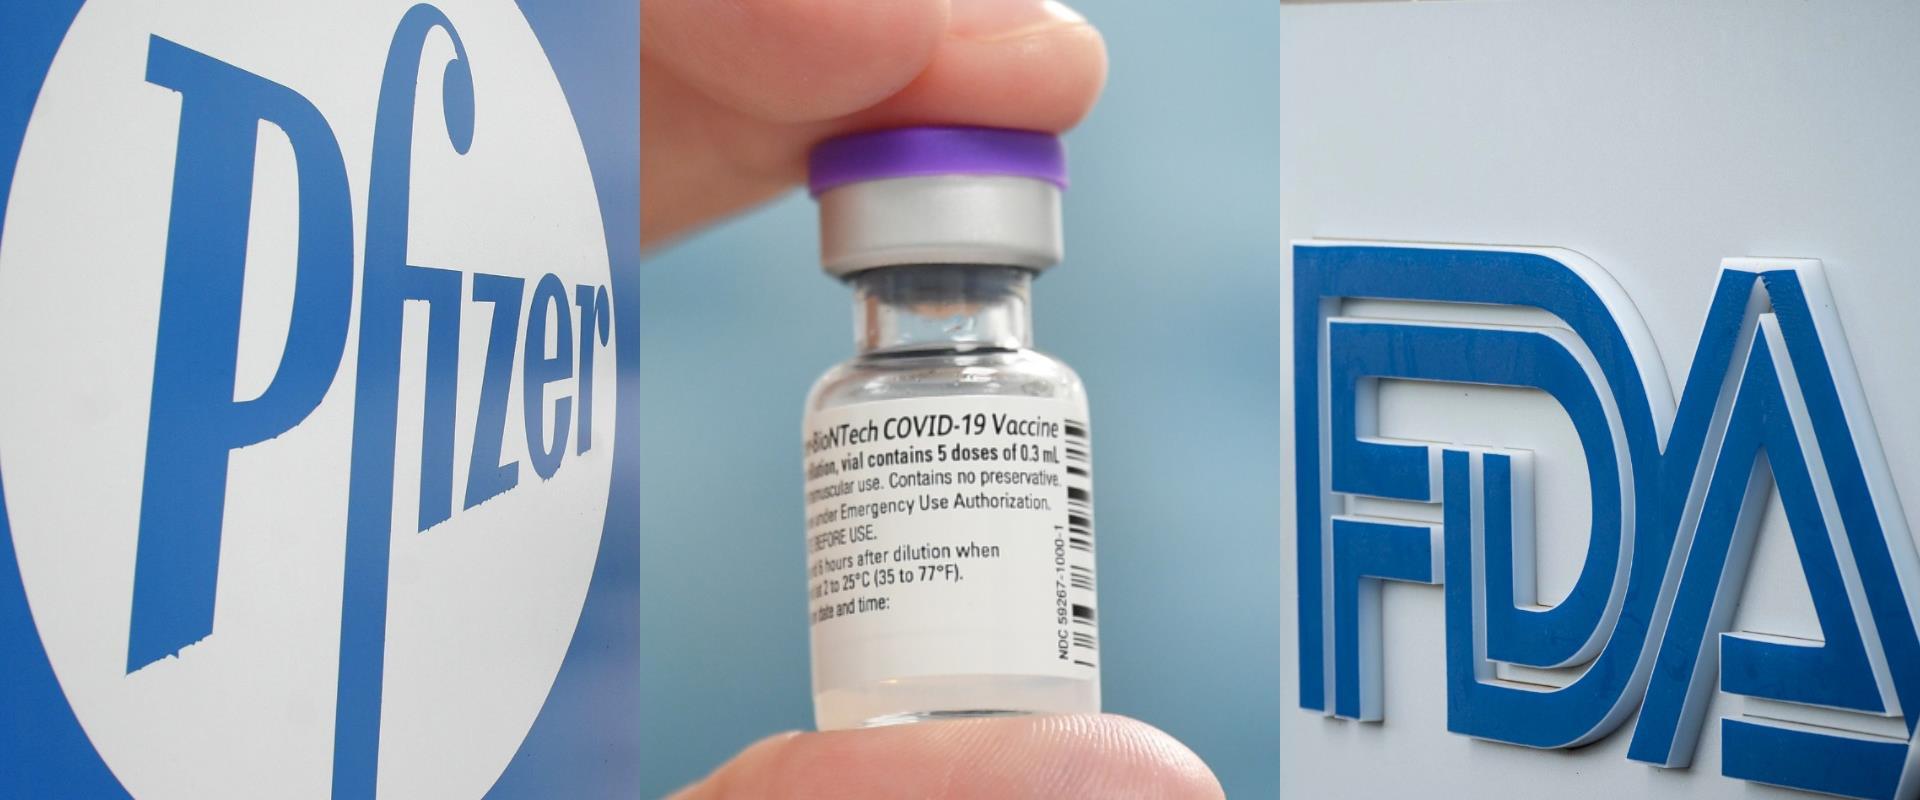 חיסון הקורונה של פייזר, אילוסטרציה